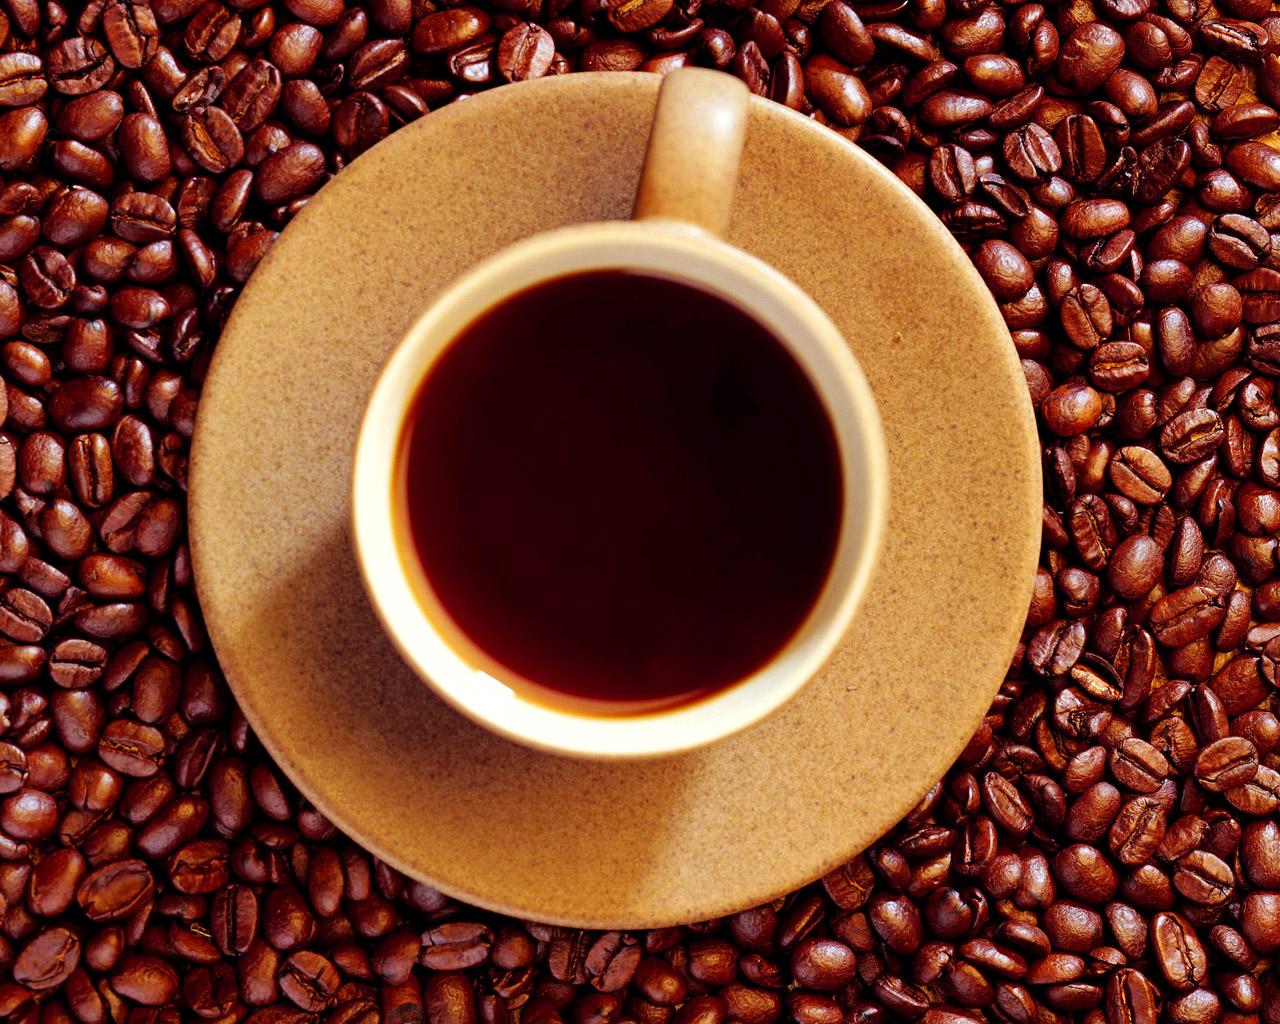 бесплатные обои для рабочего стола / чашка кофе